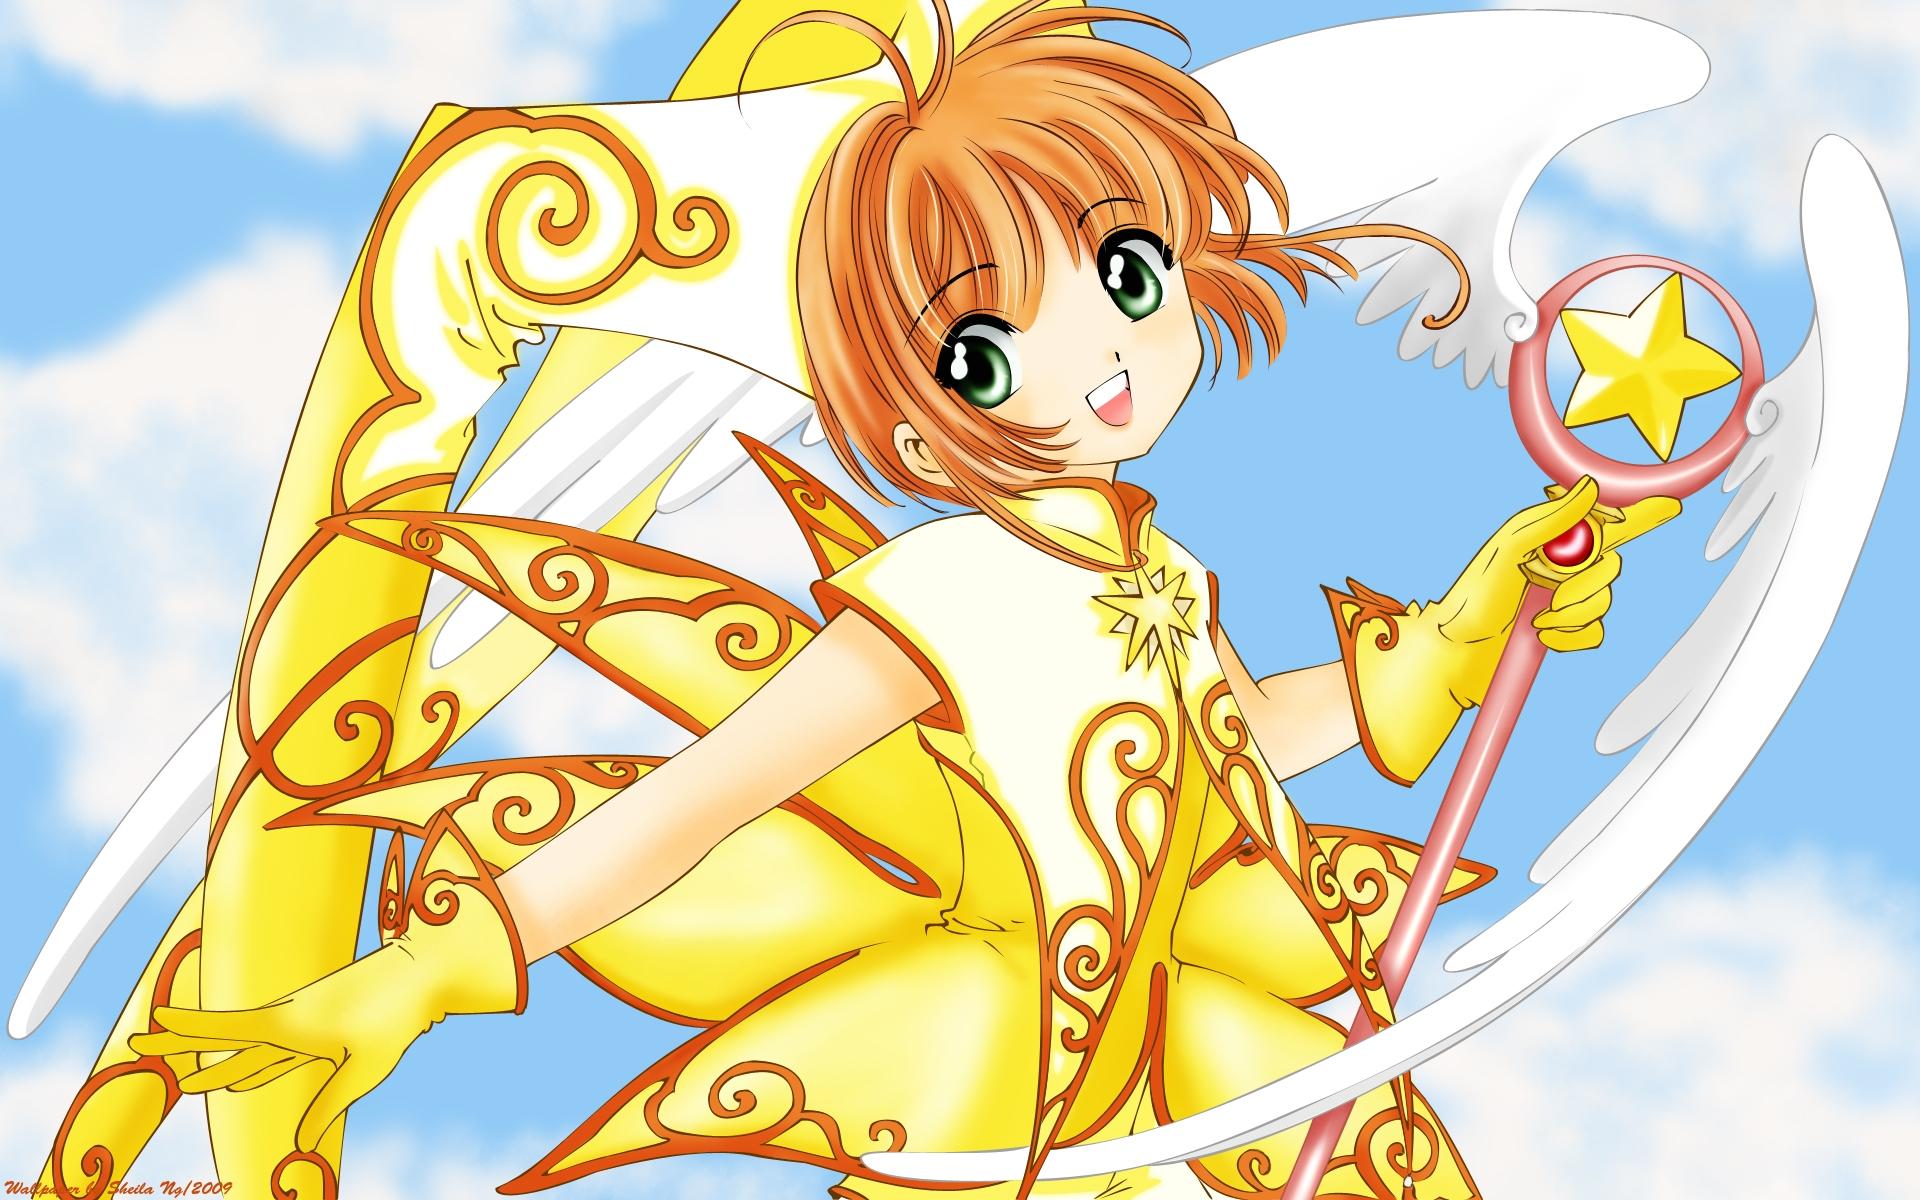 Fee Flower Fairies Pixie Clip-art - fee png herunterladen - 1200*1200 -  Kostenlos transparent Kunst png Herunterladen.